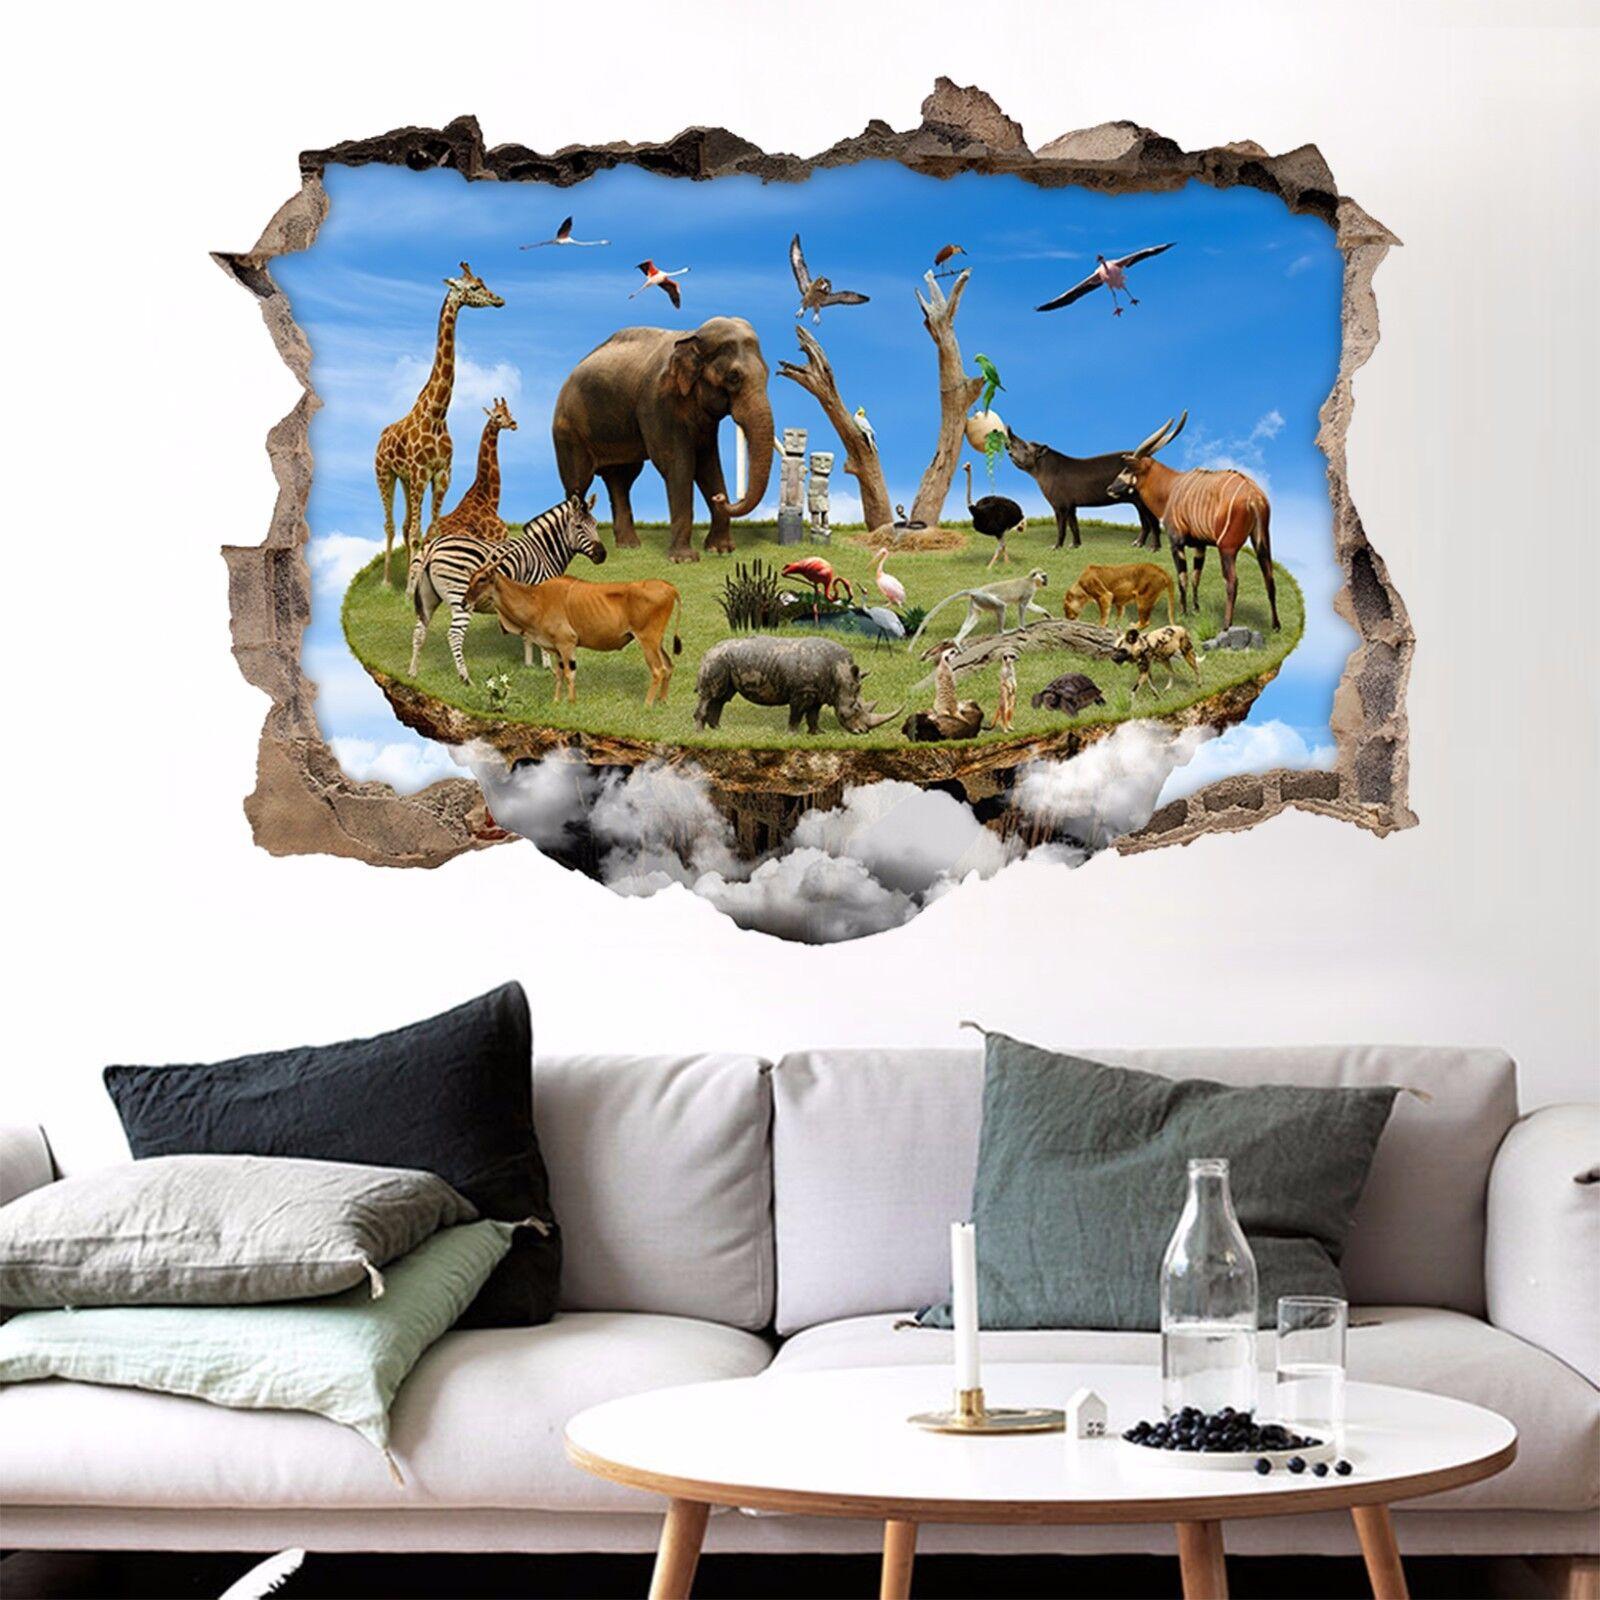 3D Tierinsel 72 Mauer Murals Mauer Aufklebe Decal Durchbruch AJ WALL DE Kyra